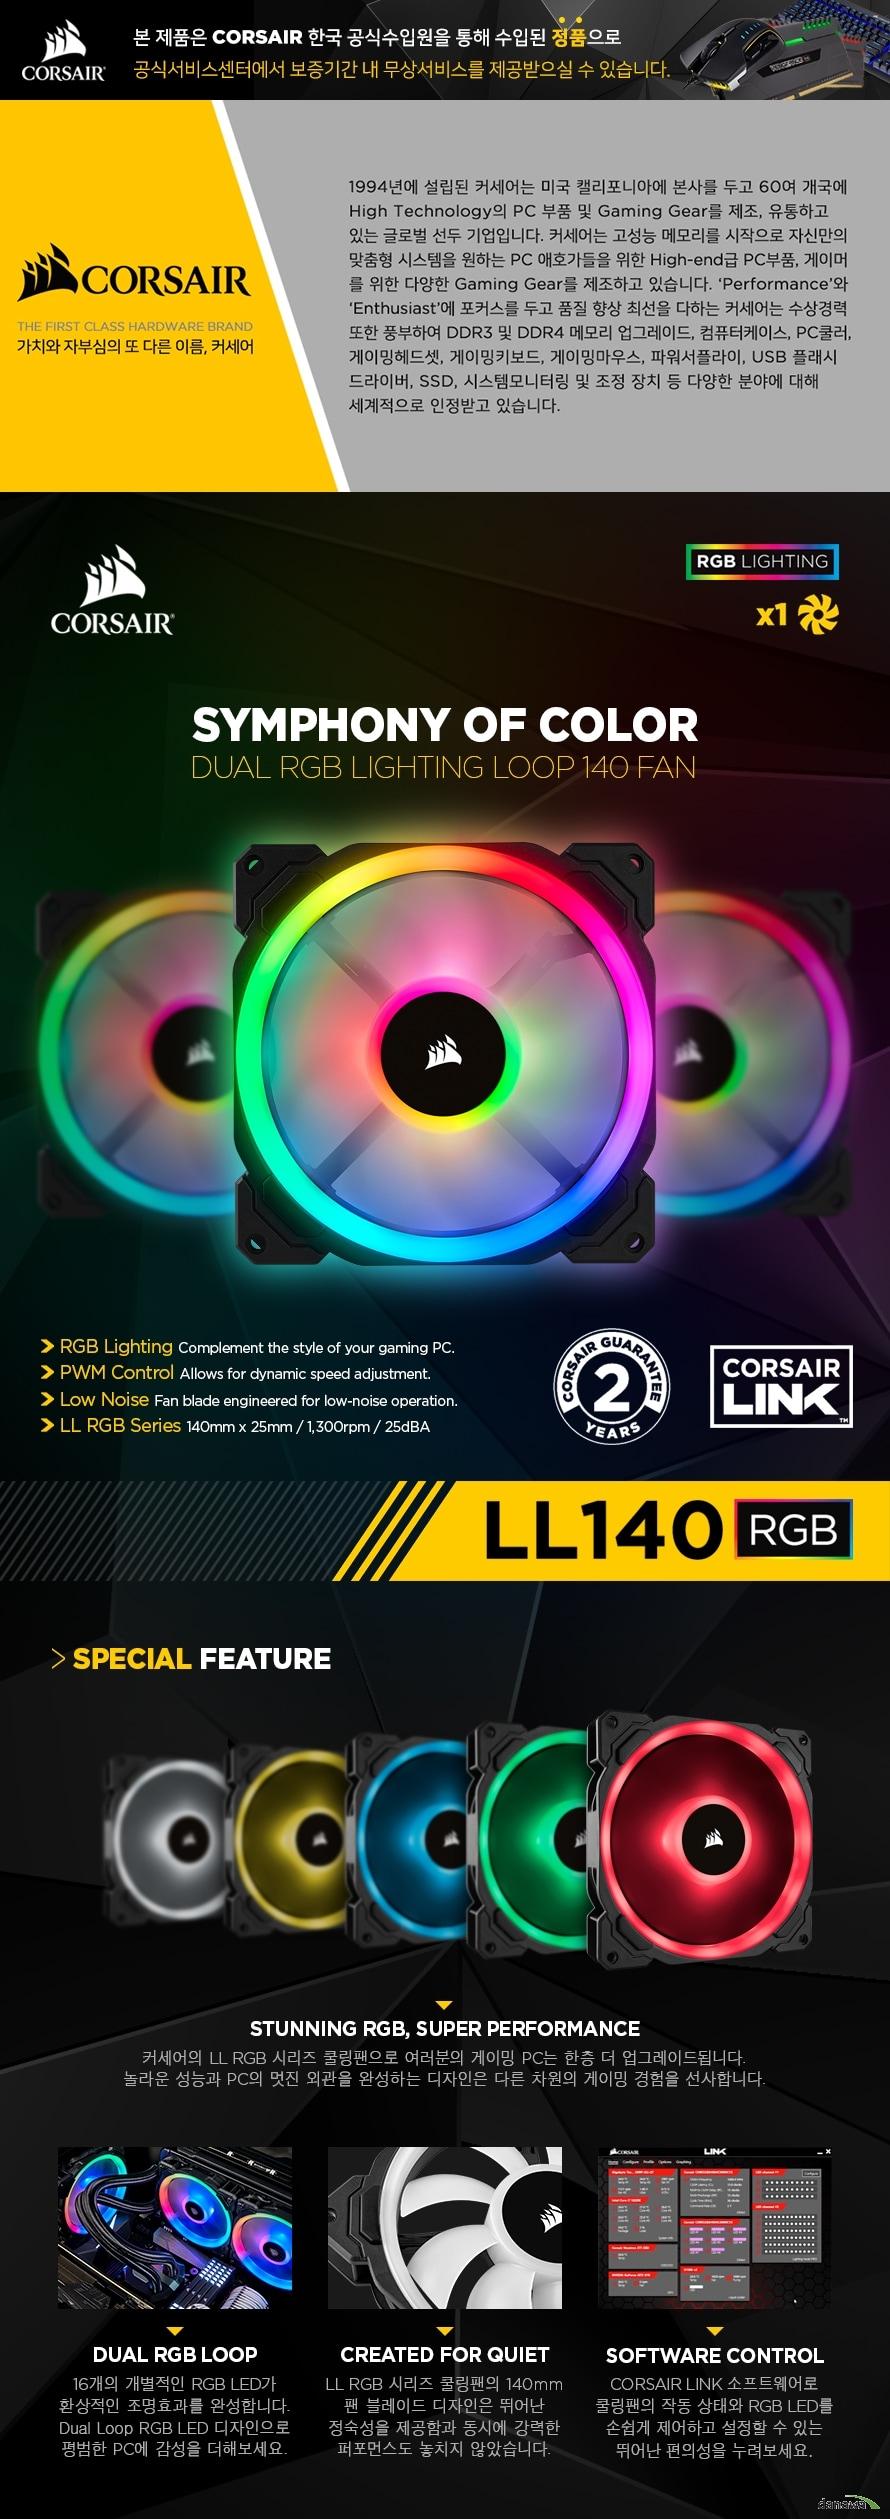 CORSAIR LL 120 RGB 3 pack 커세어의 LL RGB 시리즈 쿨링팬으로 여러분의 게이밍 PC는 한층 더 업그레이드됩니다. 놀라운 성능과 PC의 멋진 외관을 완성하는 디자인은 다른 차원의 게이밍 경험을 선사합니다.